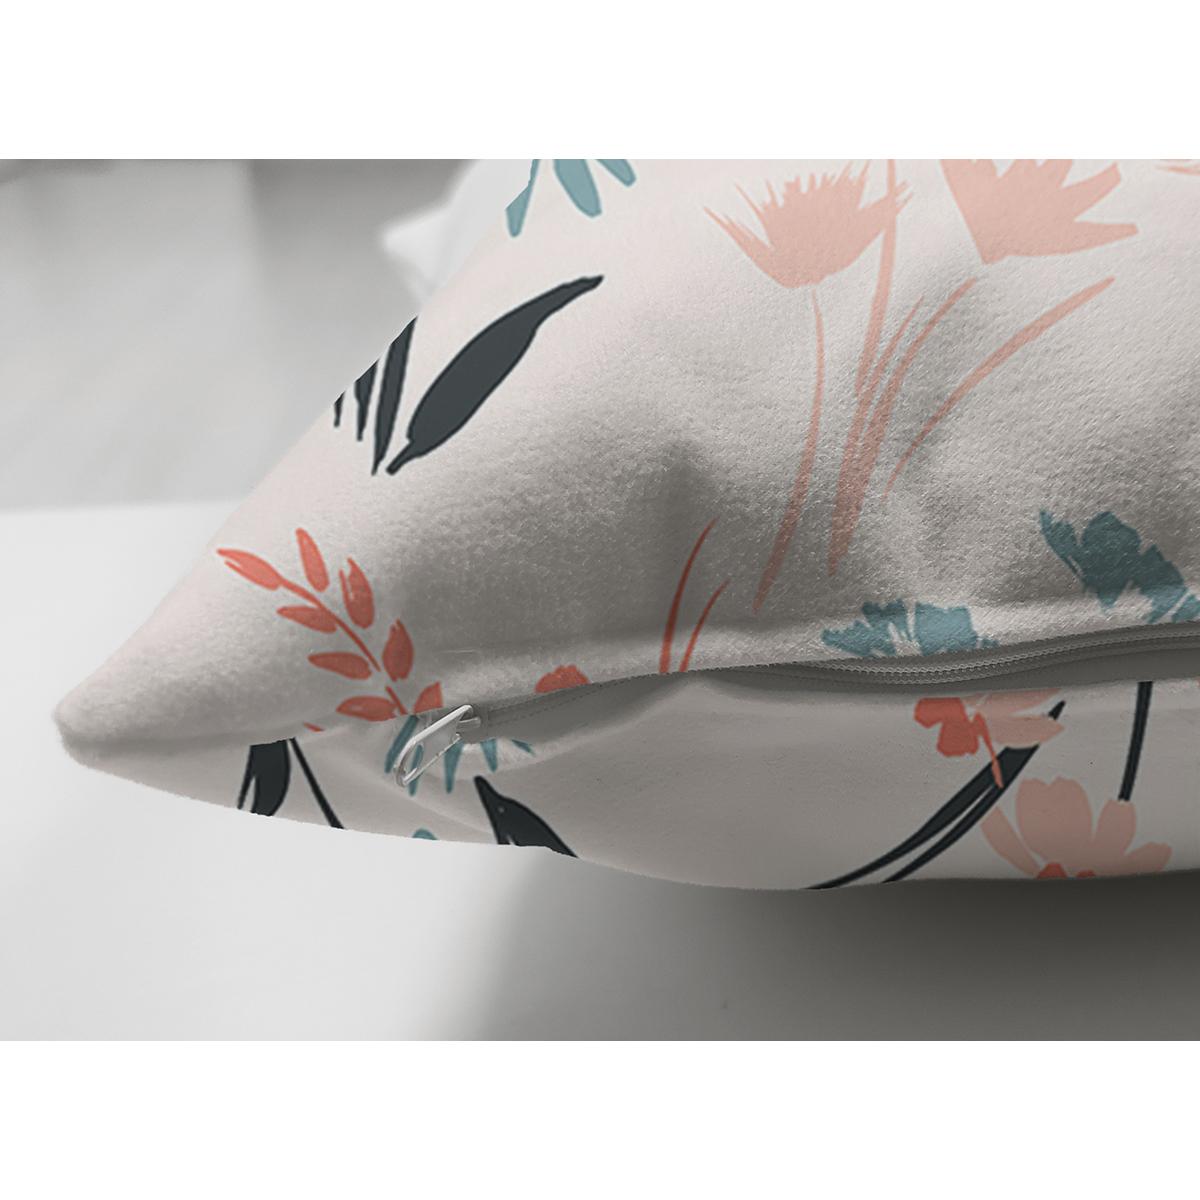 Çift Taraflı Beyaz Zeminde Renkli Çiçek Desenli Dijital Baskılı Modern Süet Yastık Kırlent Kılıfı Realhomes